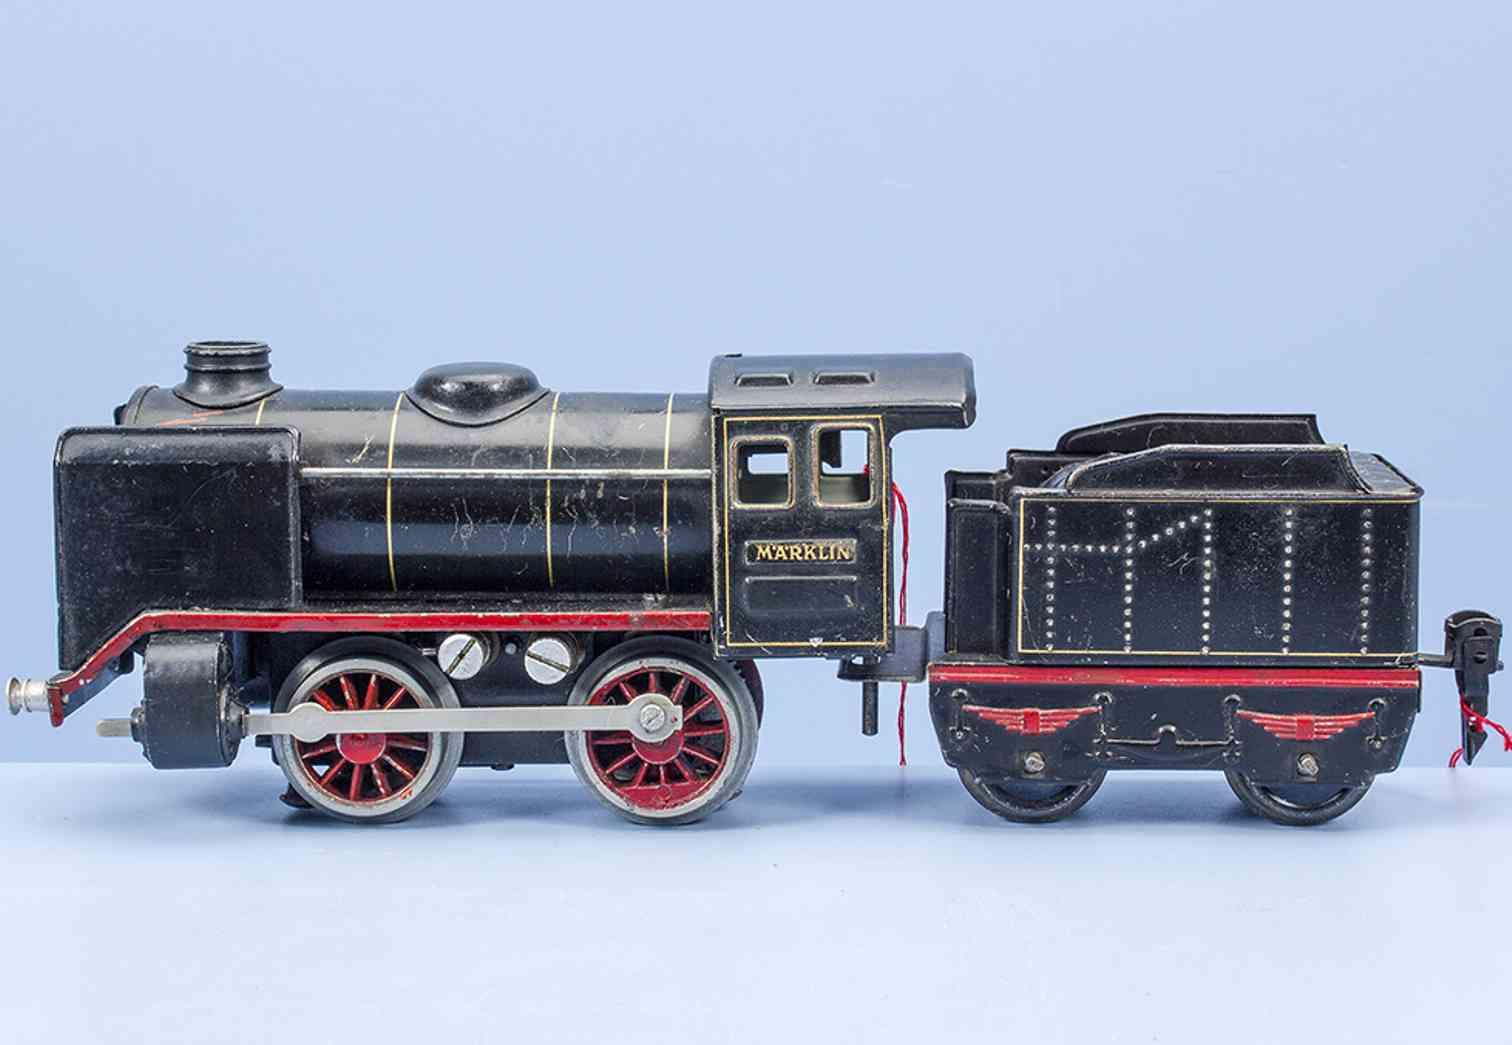 maerklin r 12880 elektrische 20 volt dampflokomotive tender schwarz spur 0